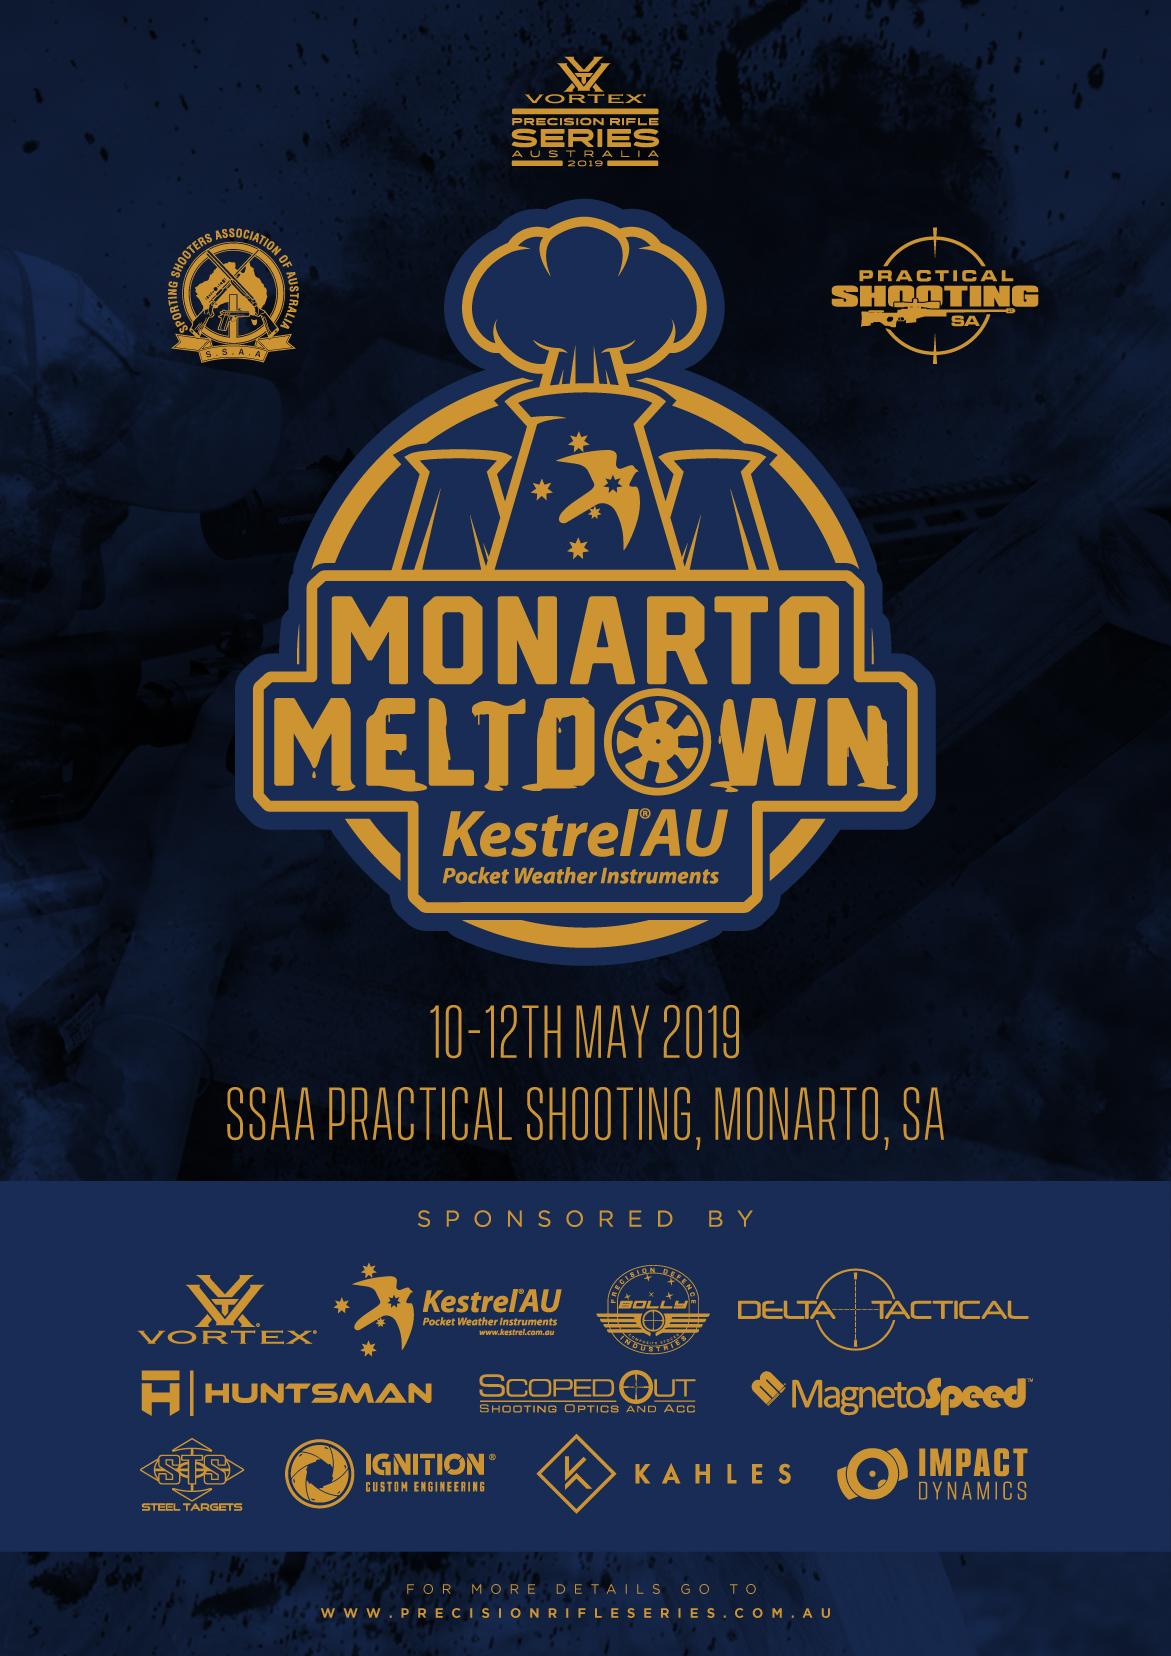 Monarto_Meltdown_2019_Poster.jpg